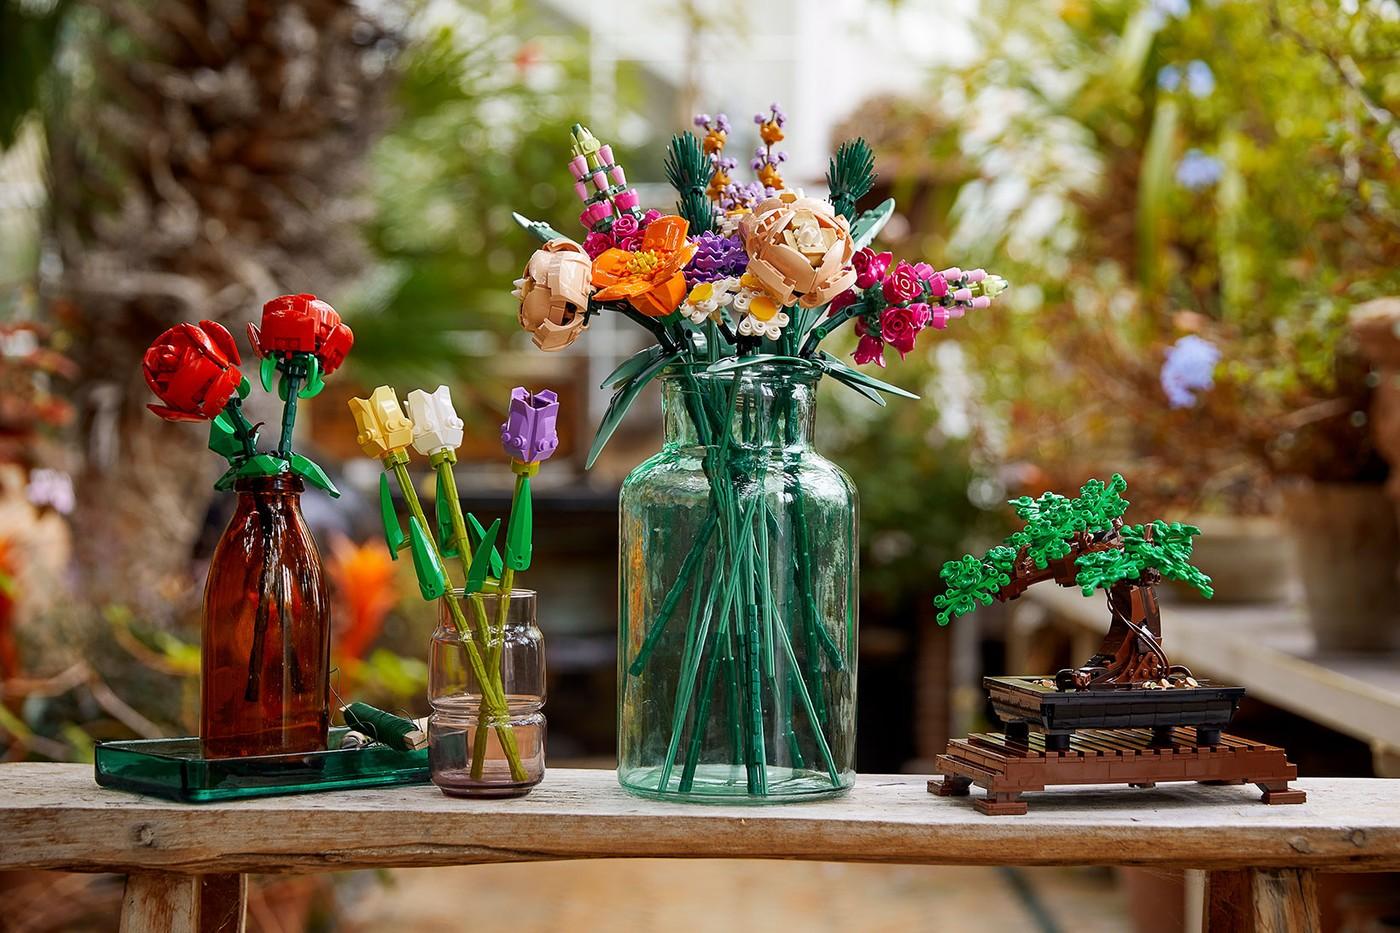 Novità in casa LEGO: la collezione botanica e sostenibile - Artwort